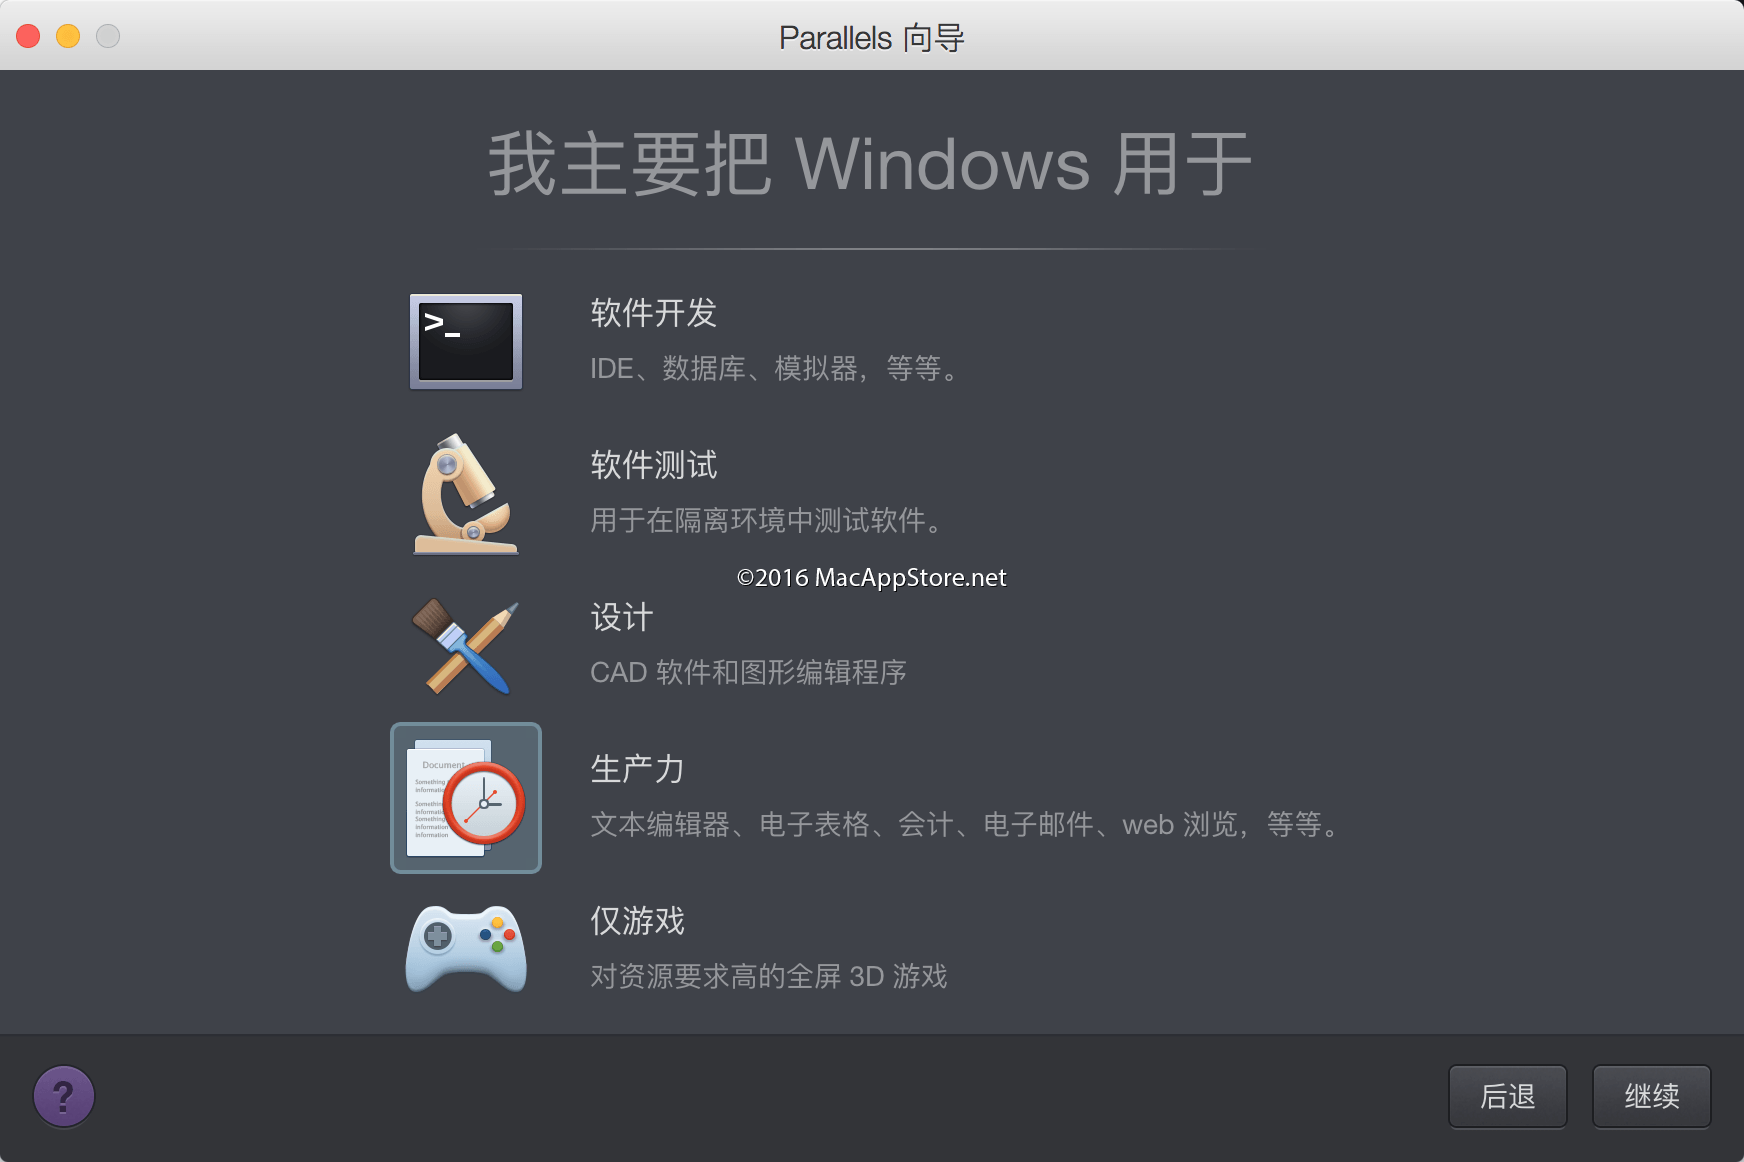 macbook parallels desktop安装windows 10